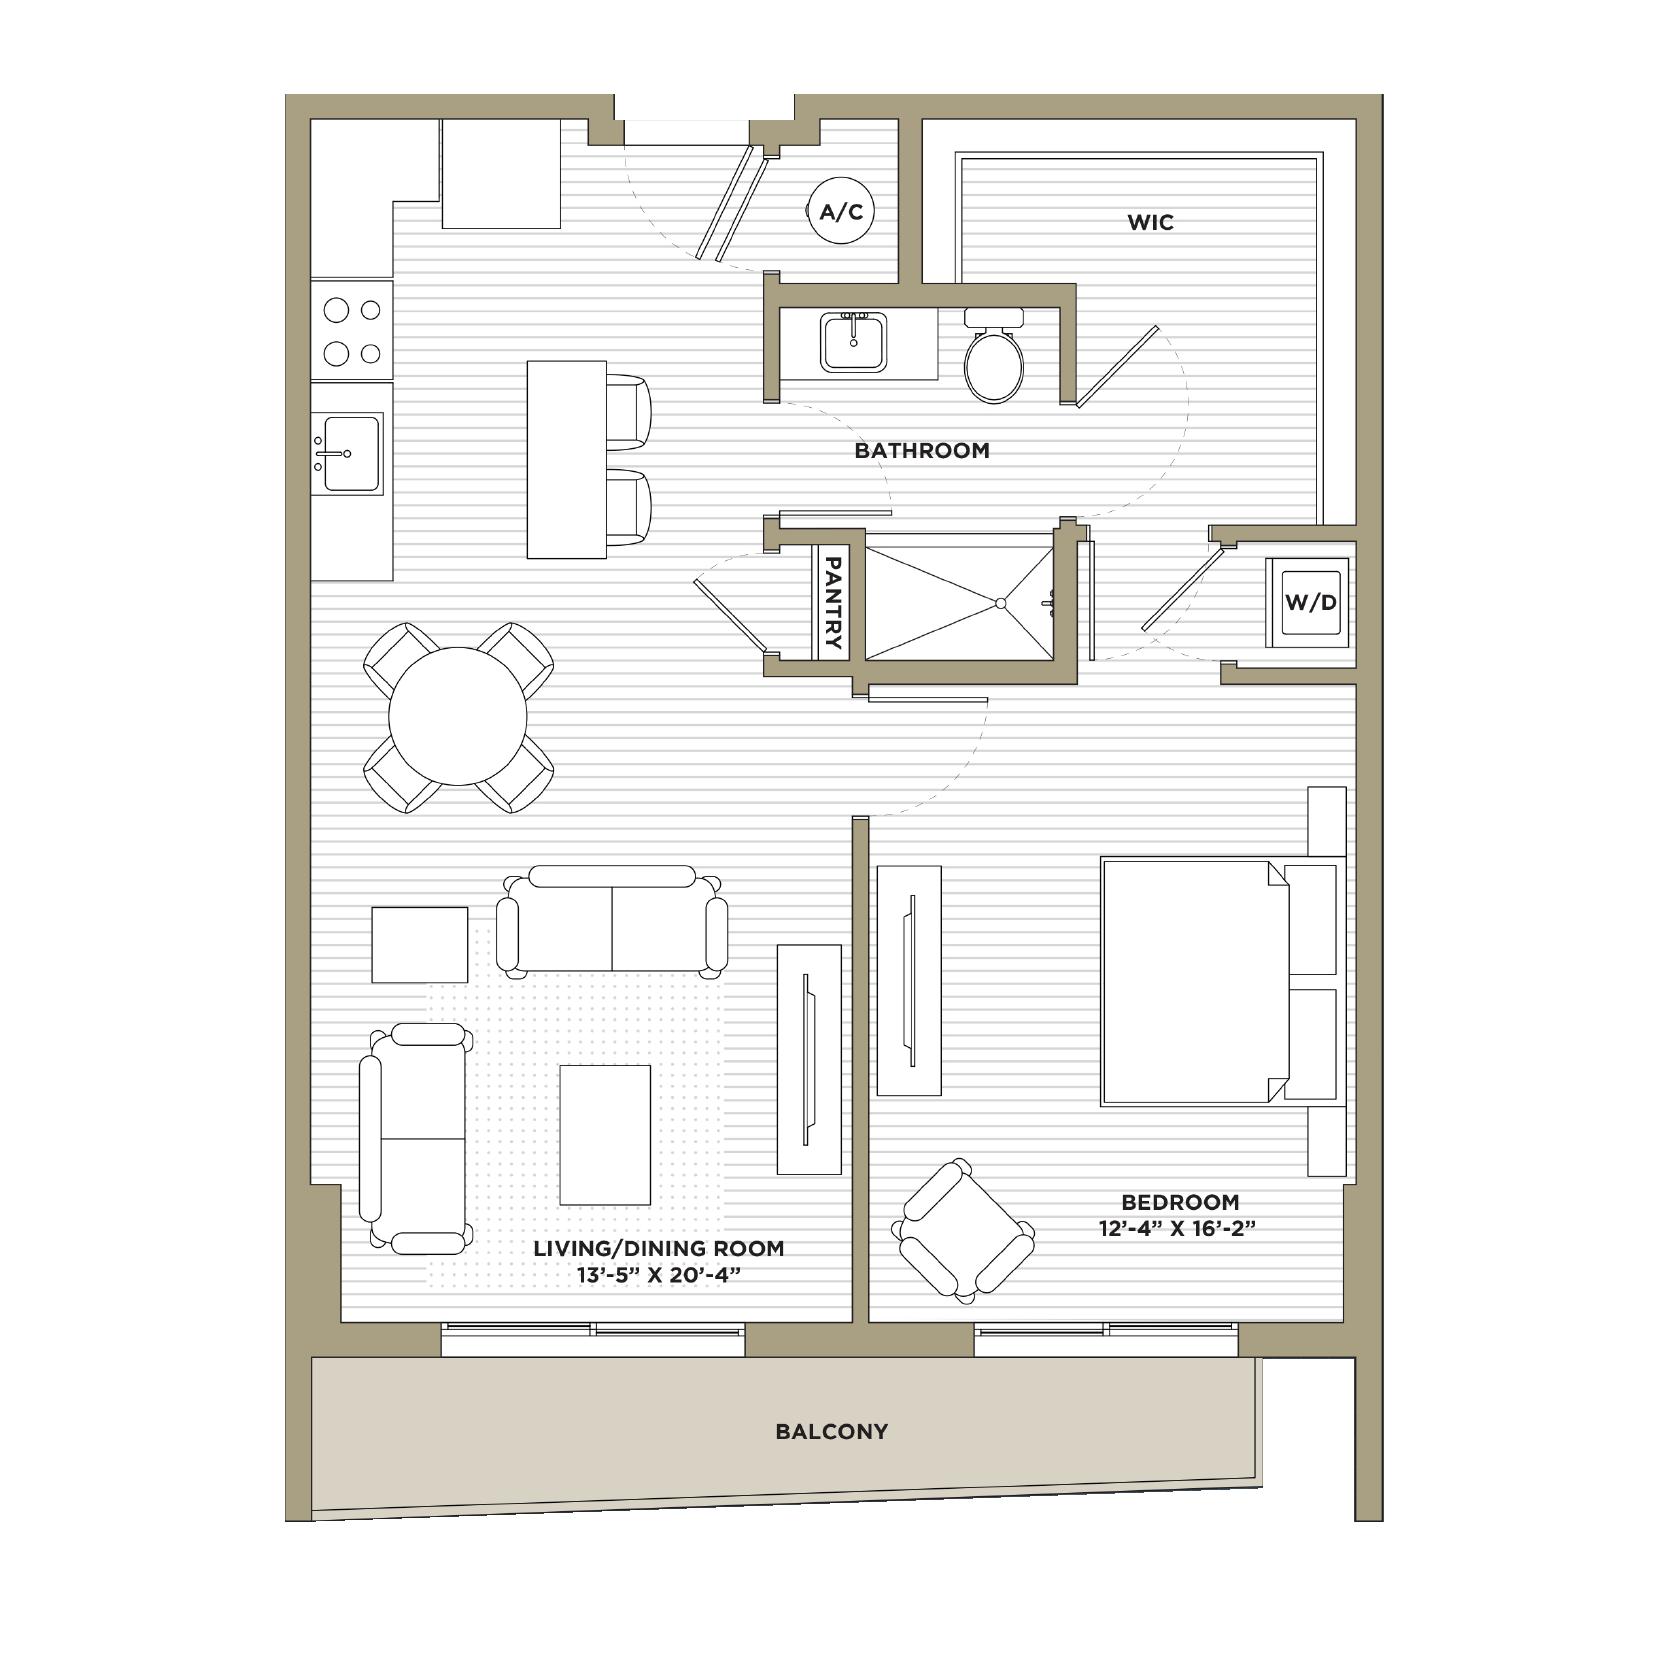 A1 / A10 - 1 Bedroom / 1 Bathroom855 / 861 sq. ft.